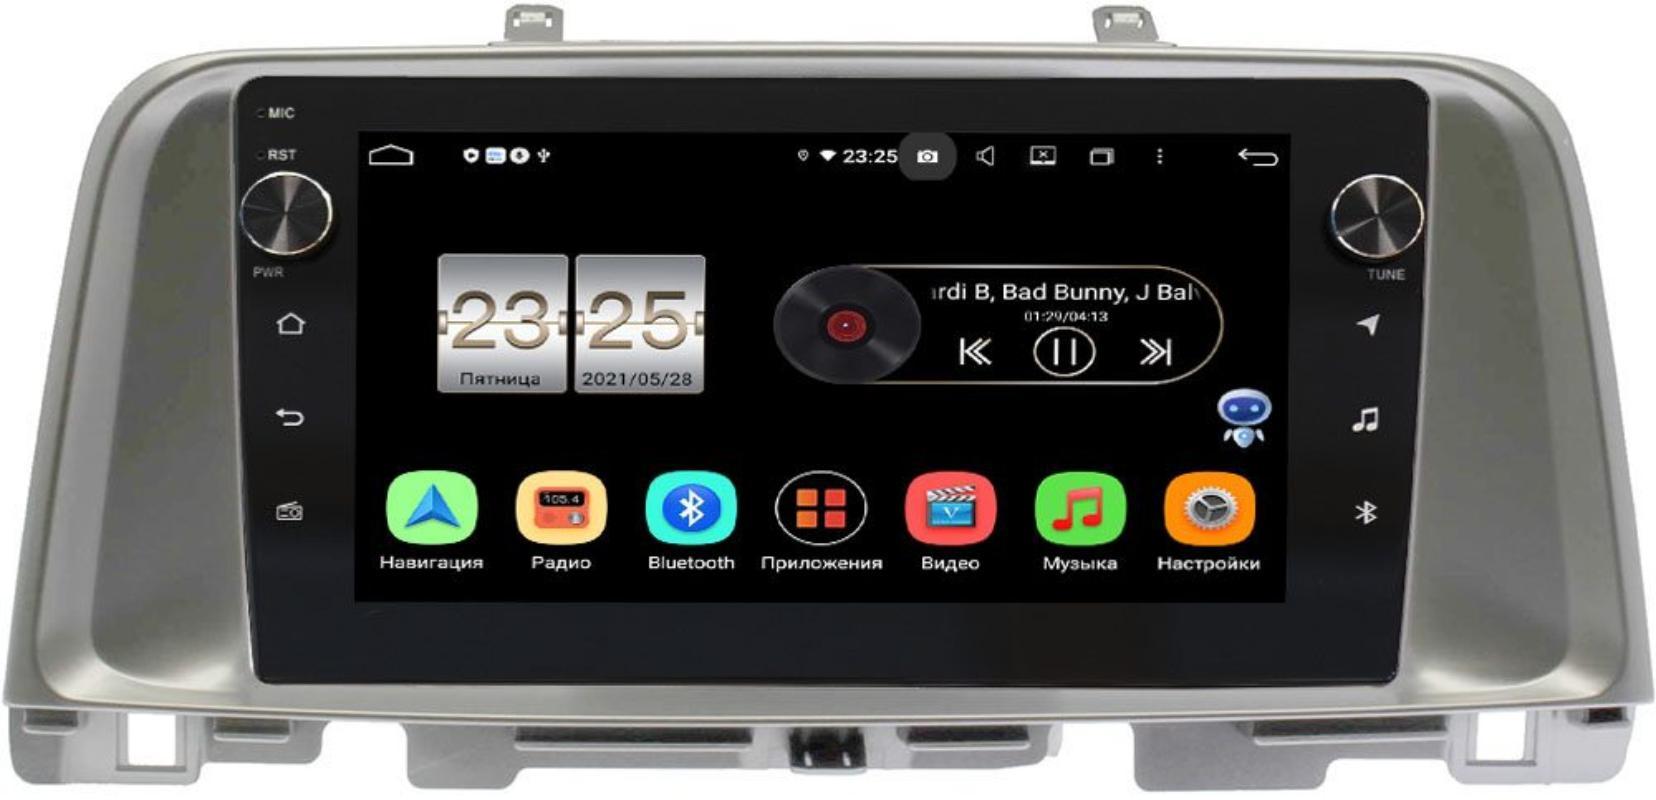 Штатная магнитола Kia Optima IV 2015-2021 LeTrun BPX409-KI159N на Android 10 (4/32, DSP, IPS, с голосовым ассистентом, с крутилками) (+ Камера заднего вида в подарок!)